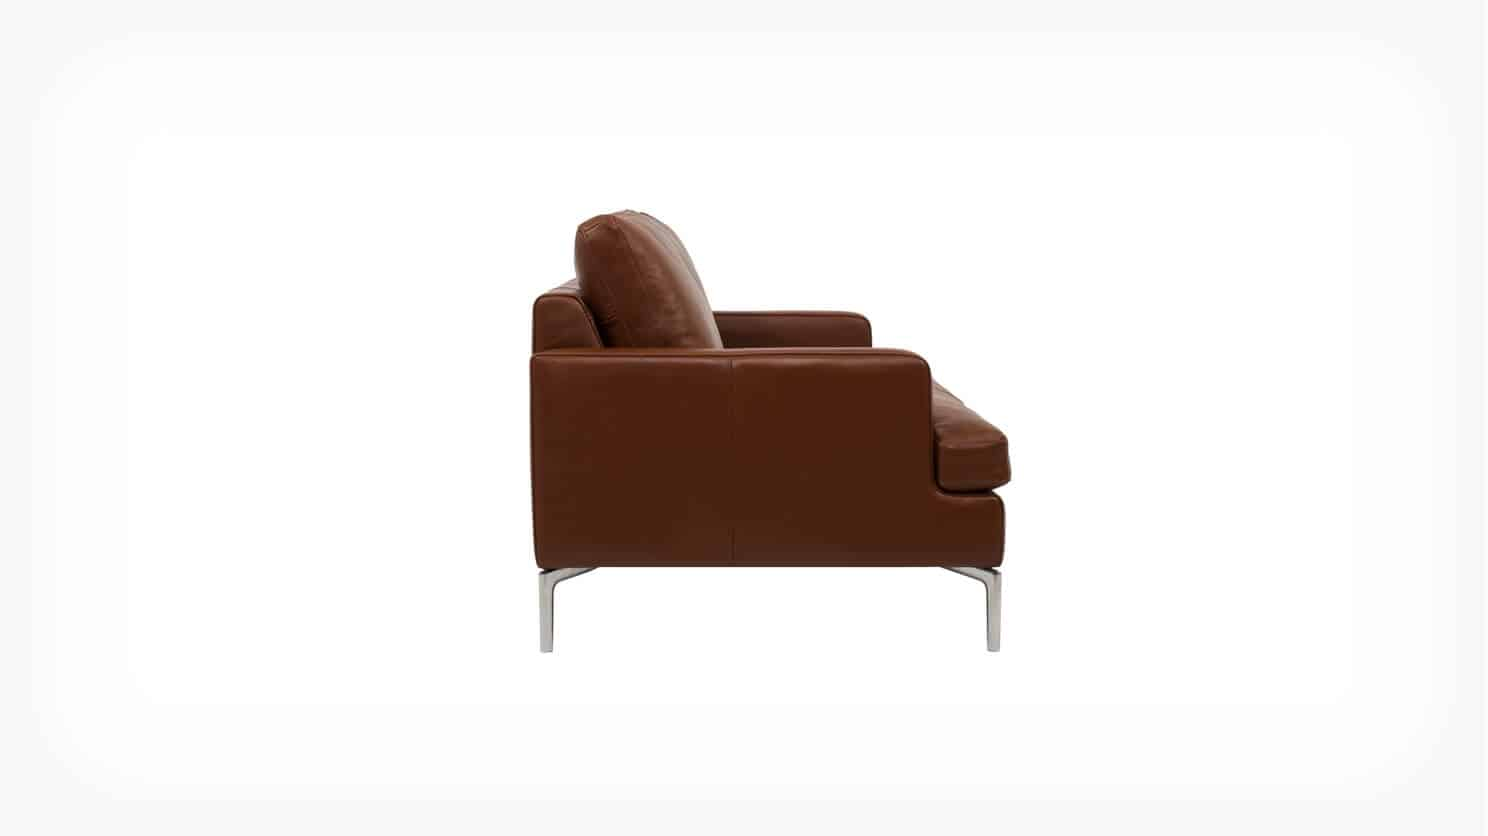 31127 01 03 sofa eve classic durango rio side view